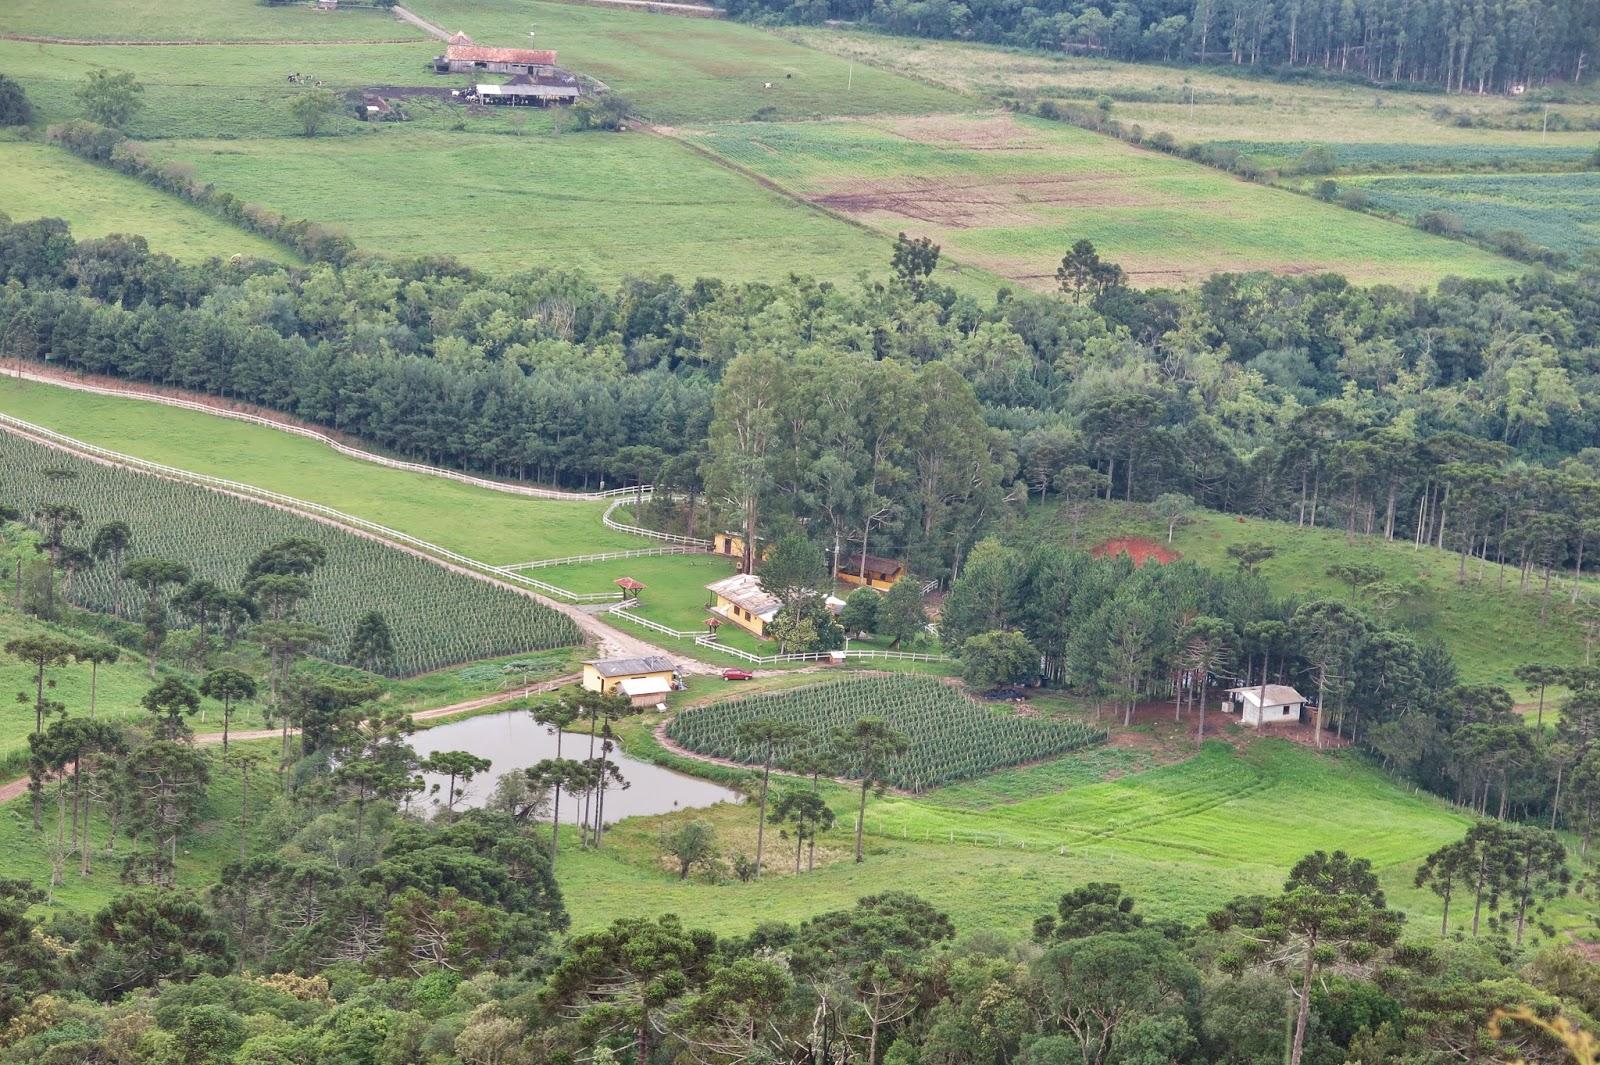 Plantações no Vale do Rio Canoas, em Urubici